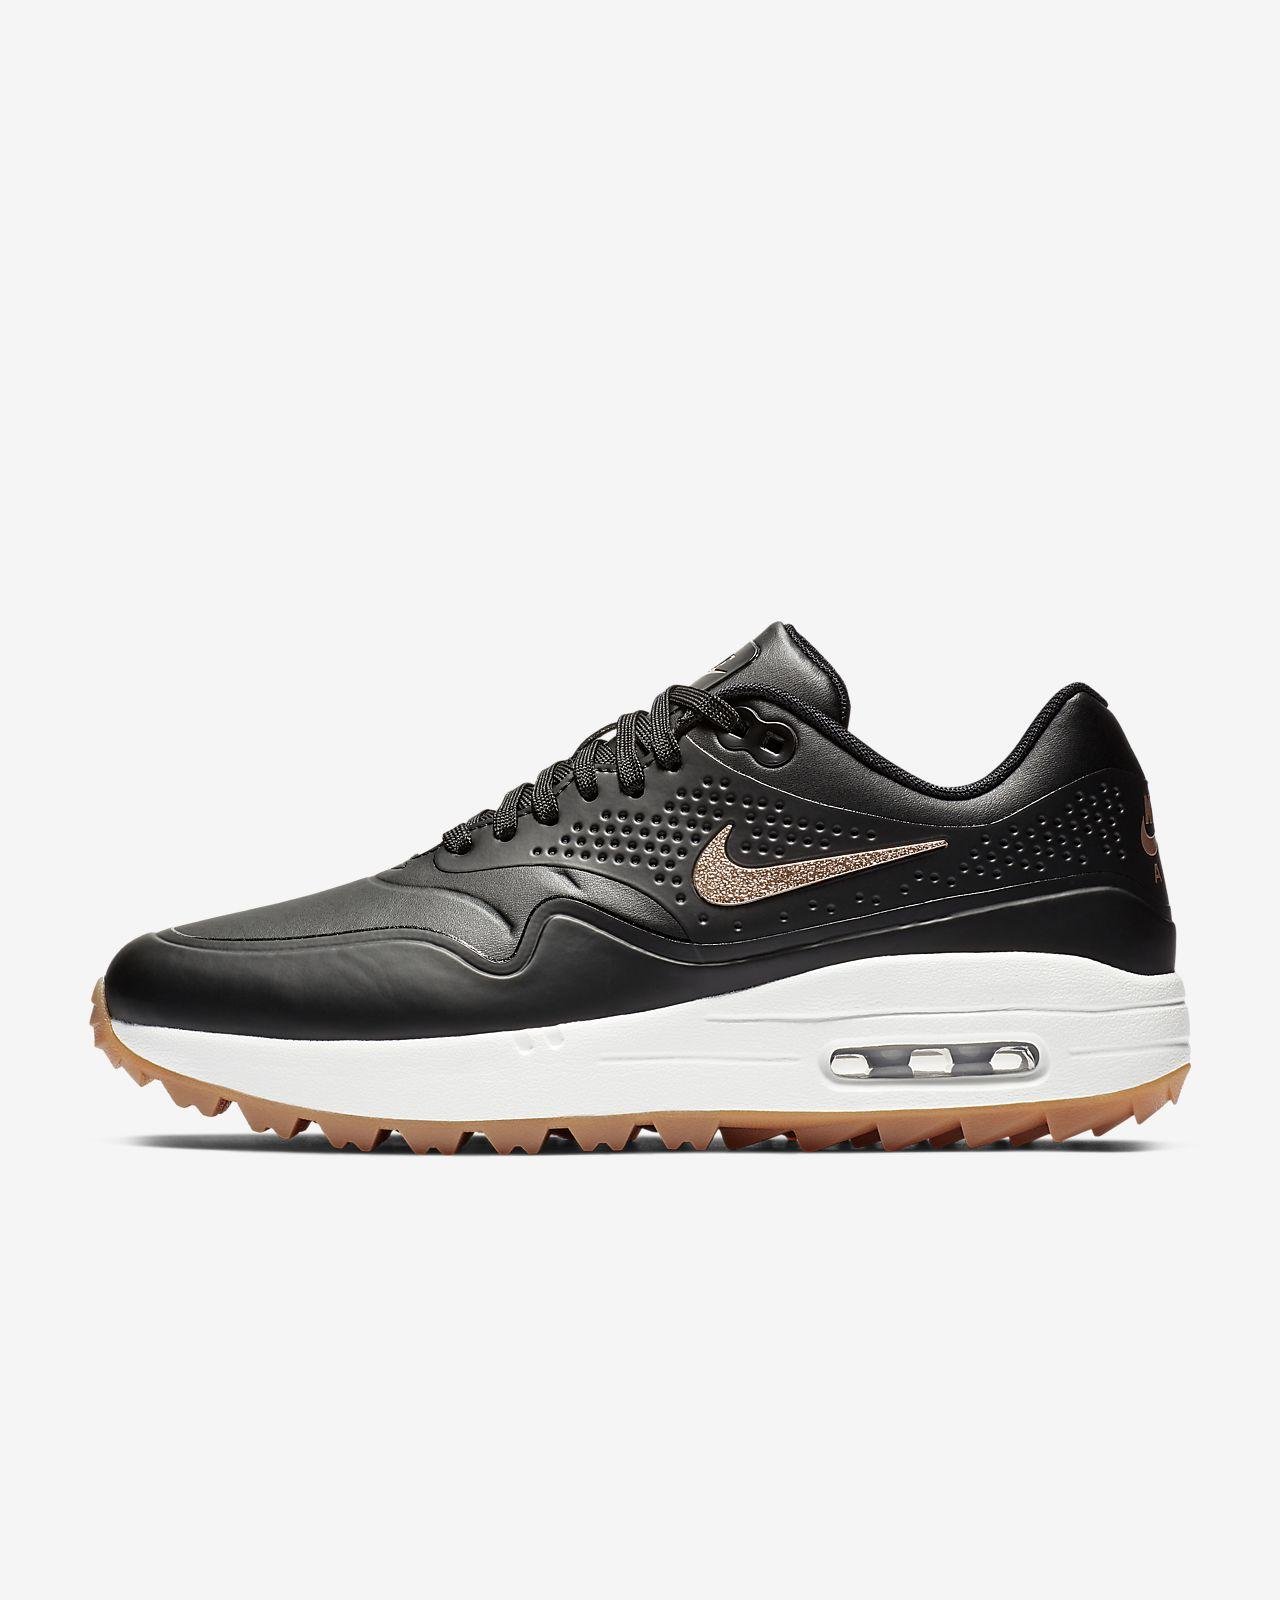 Γυναικείο παπούτσι γκολφ Nike Air Max 1 G